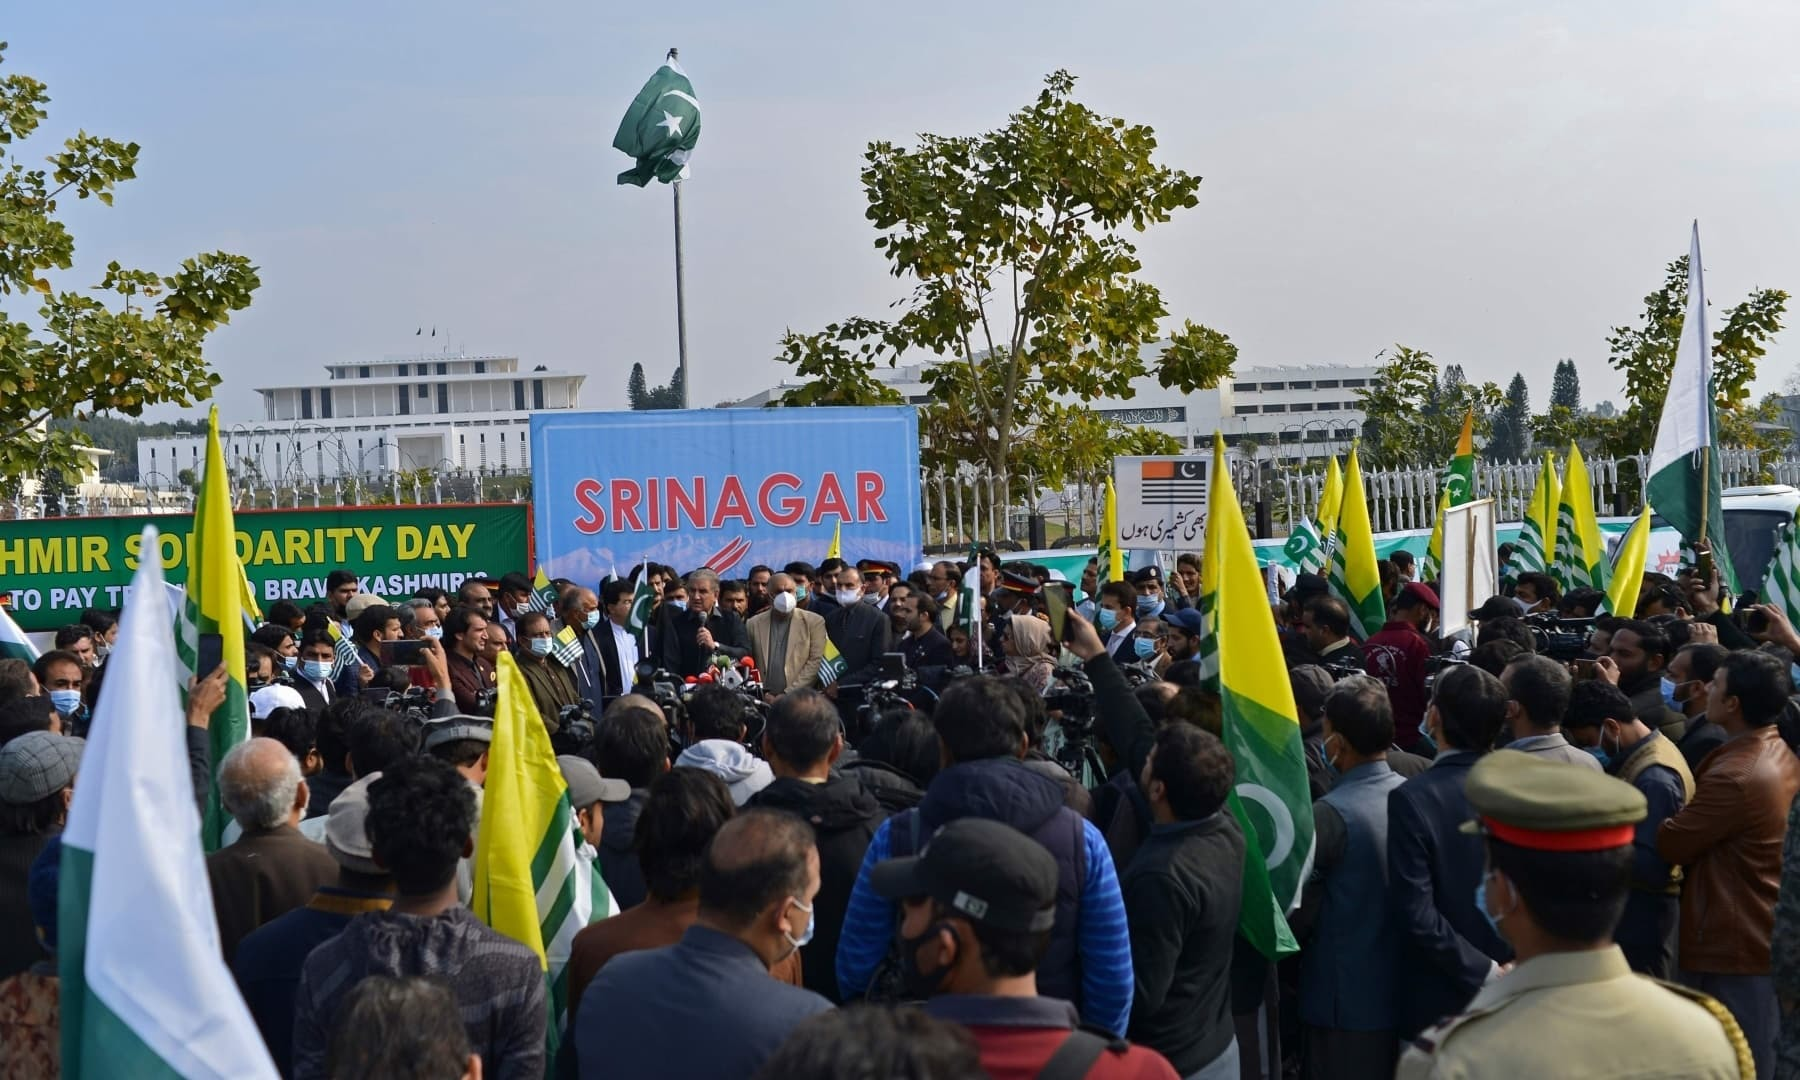 اسلام آباد میں ریلی سے وزیرخارجہ شاہ محمودقریشی نے خطاب بھی کیا—فوٹو: اے ایف پی